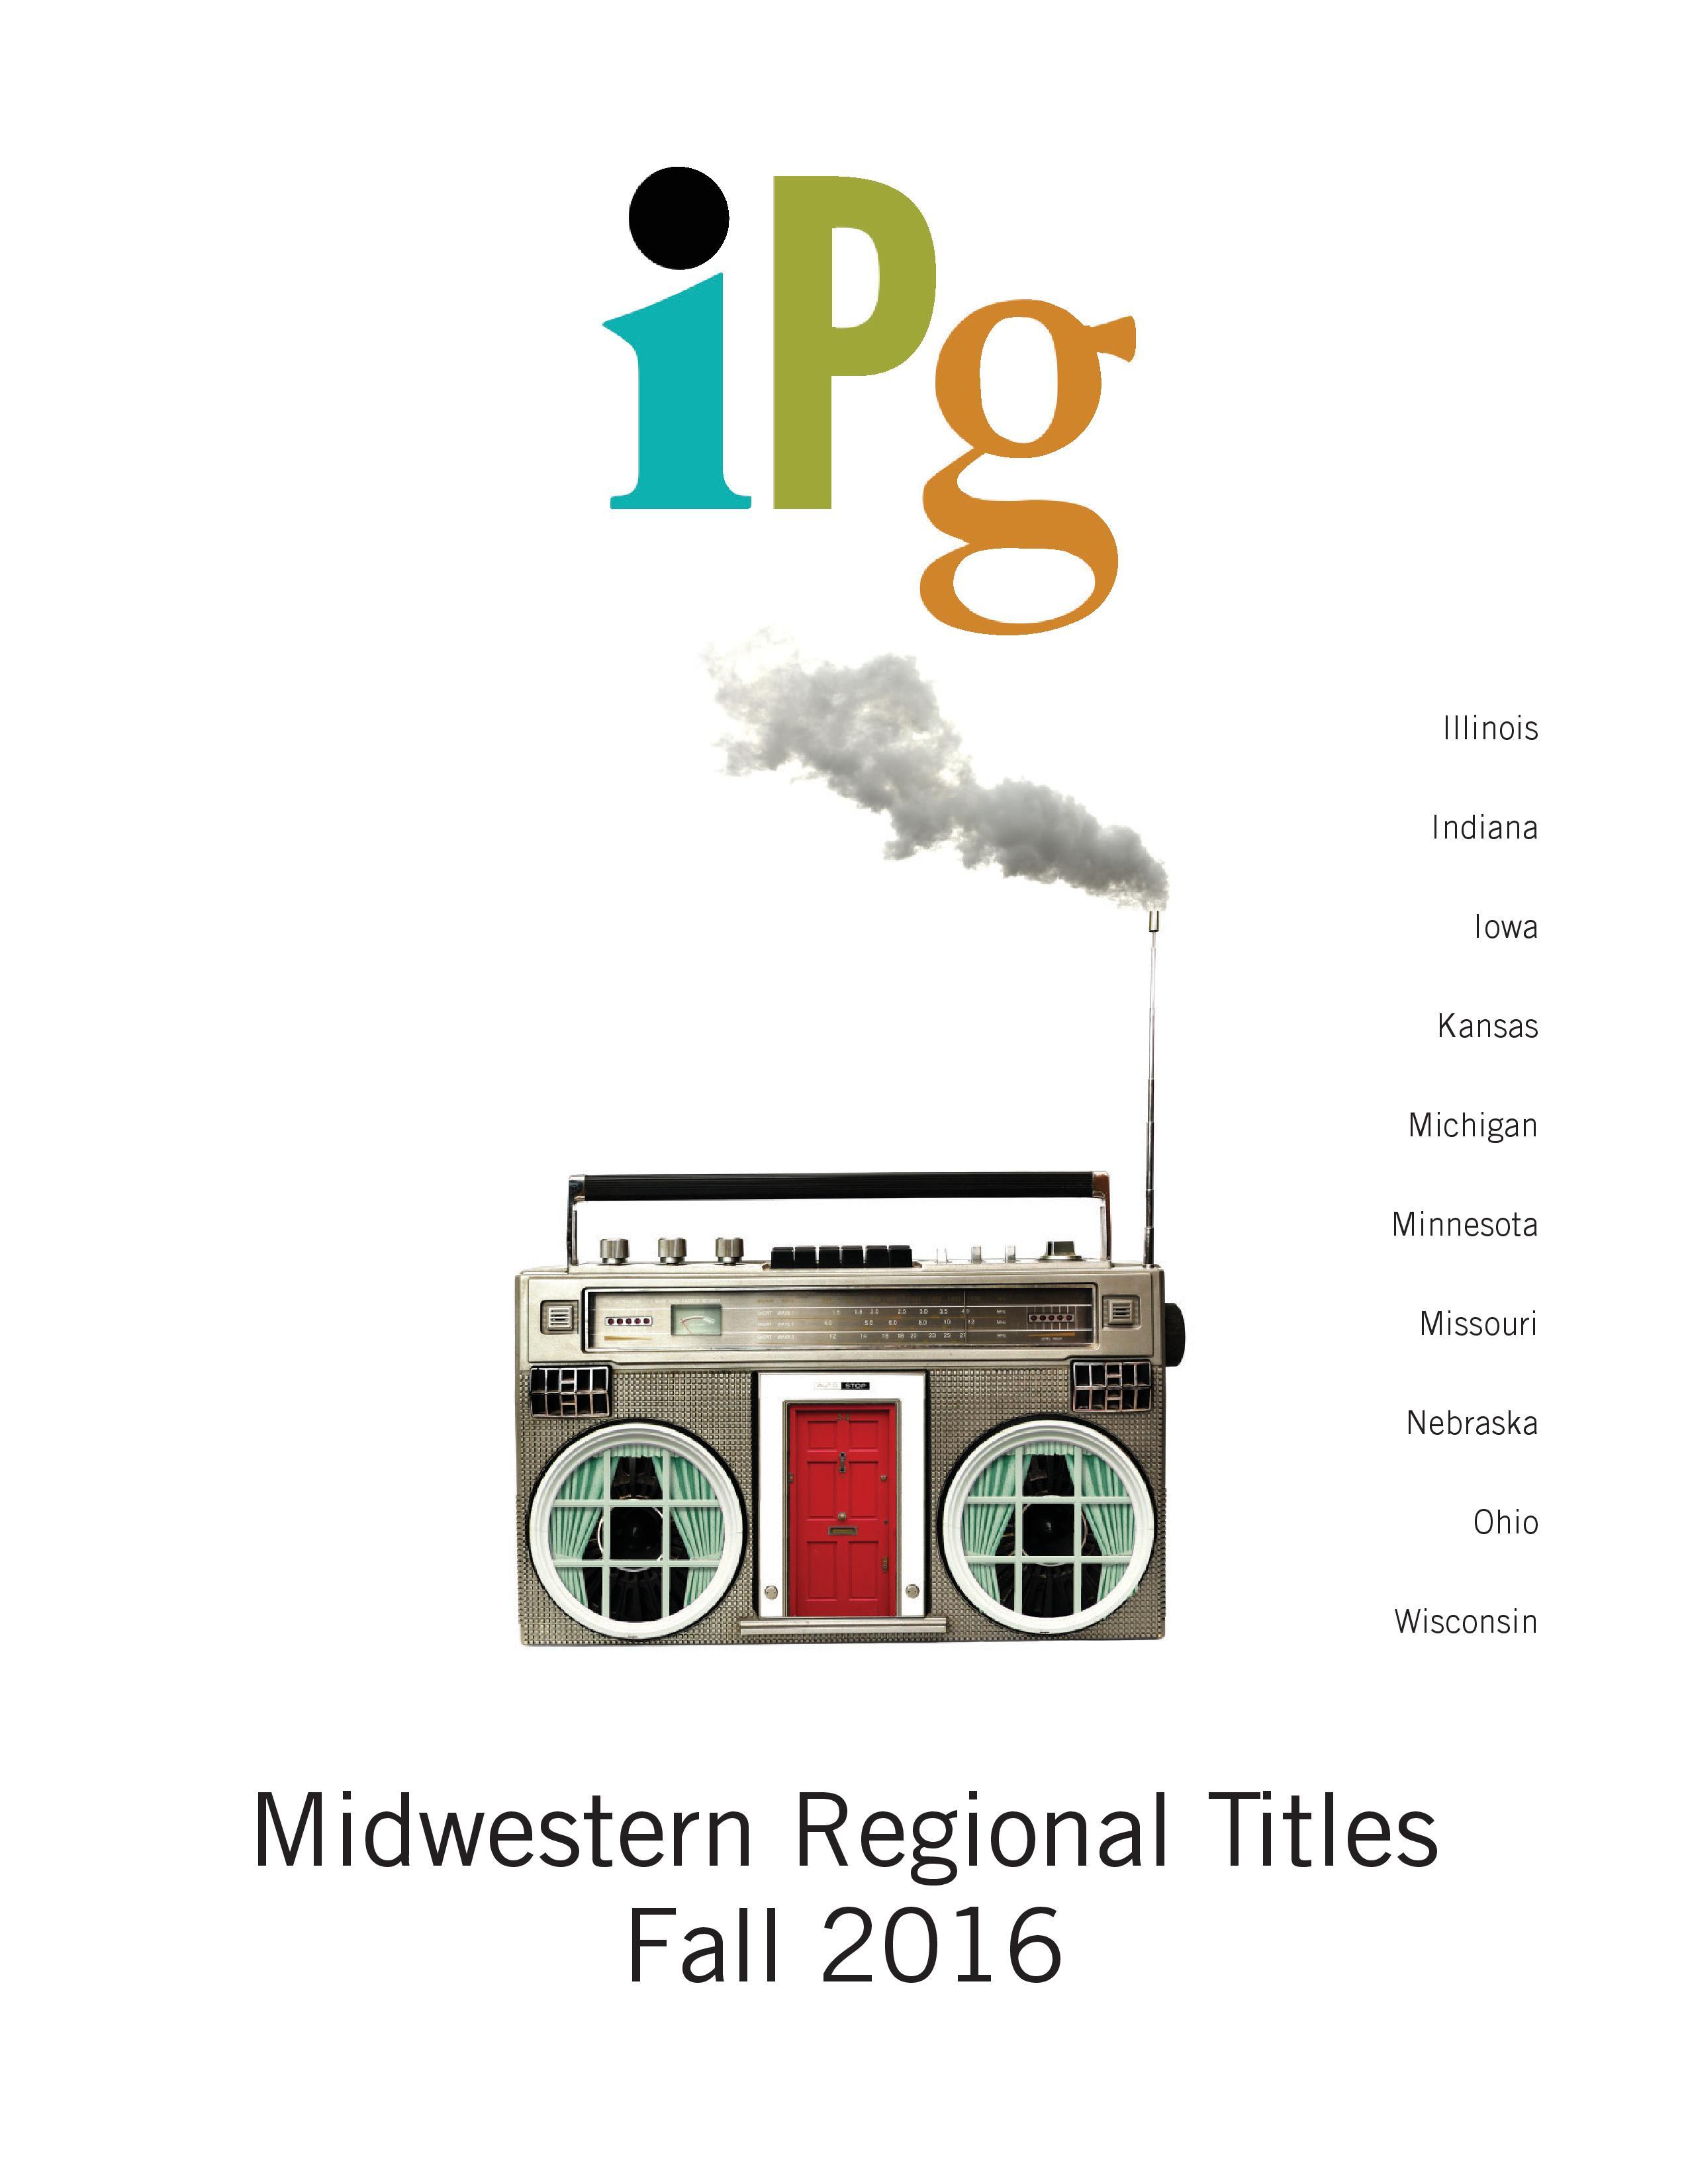 Midwestern Regional Titles